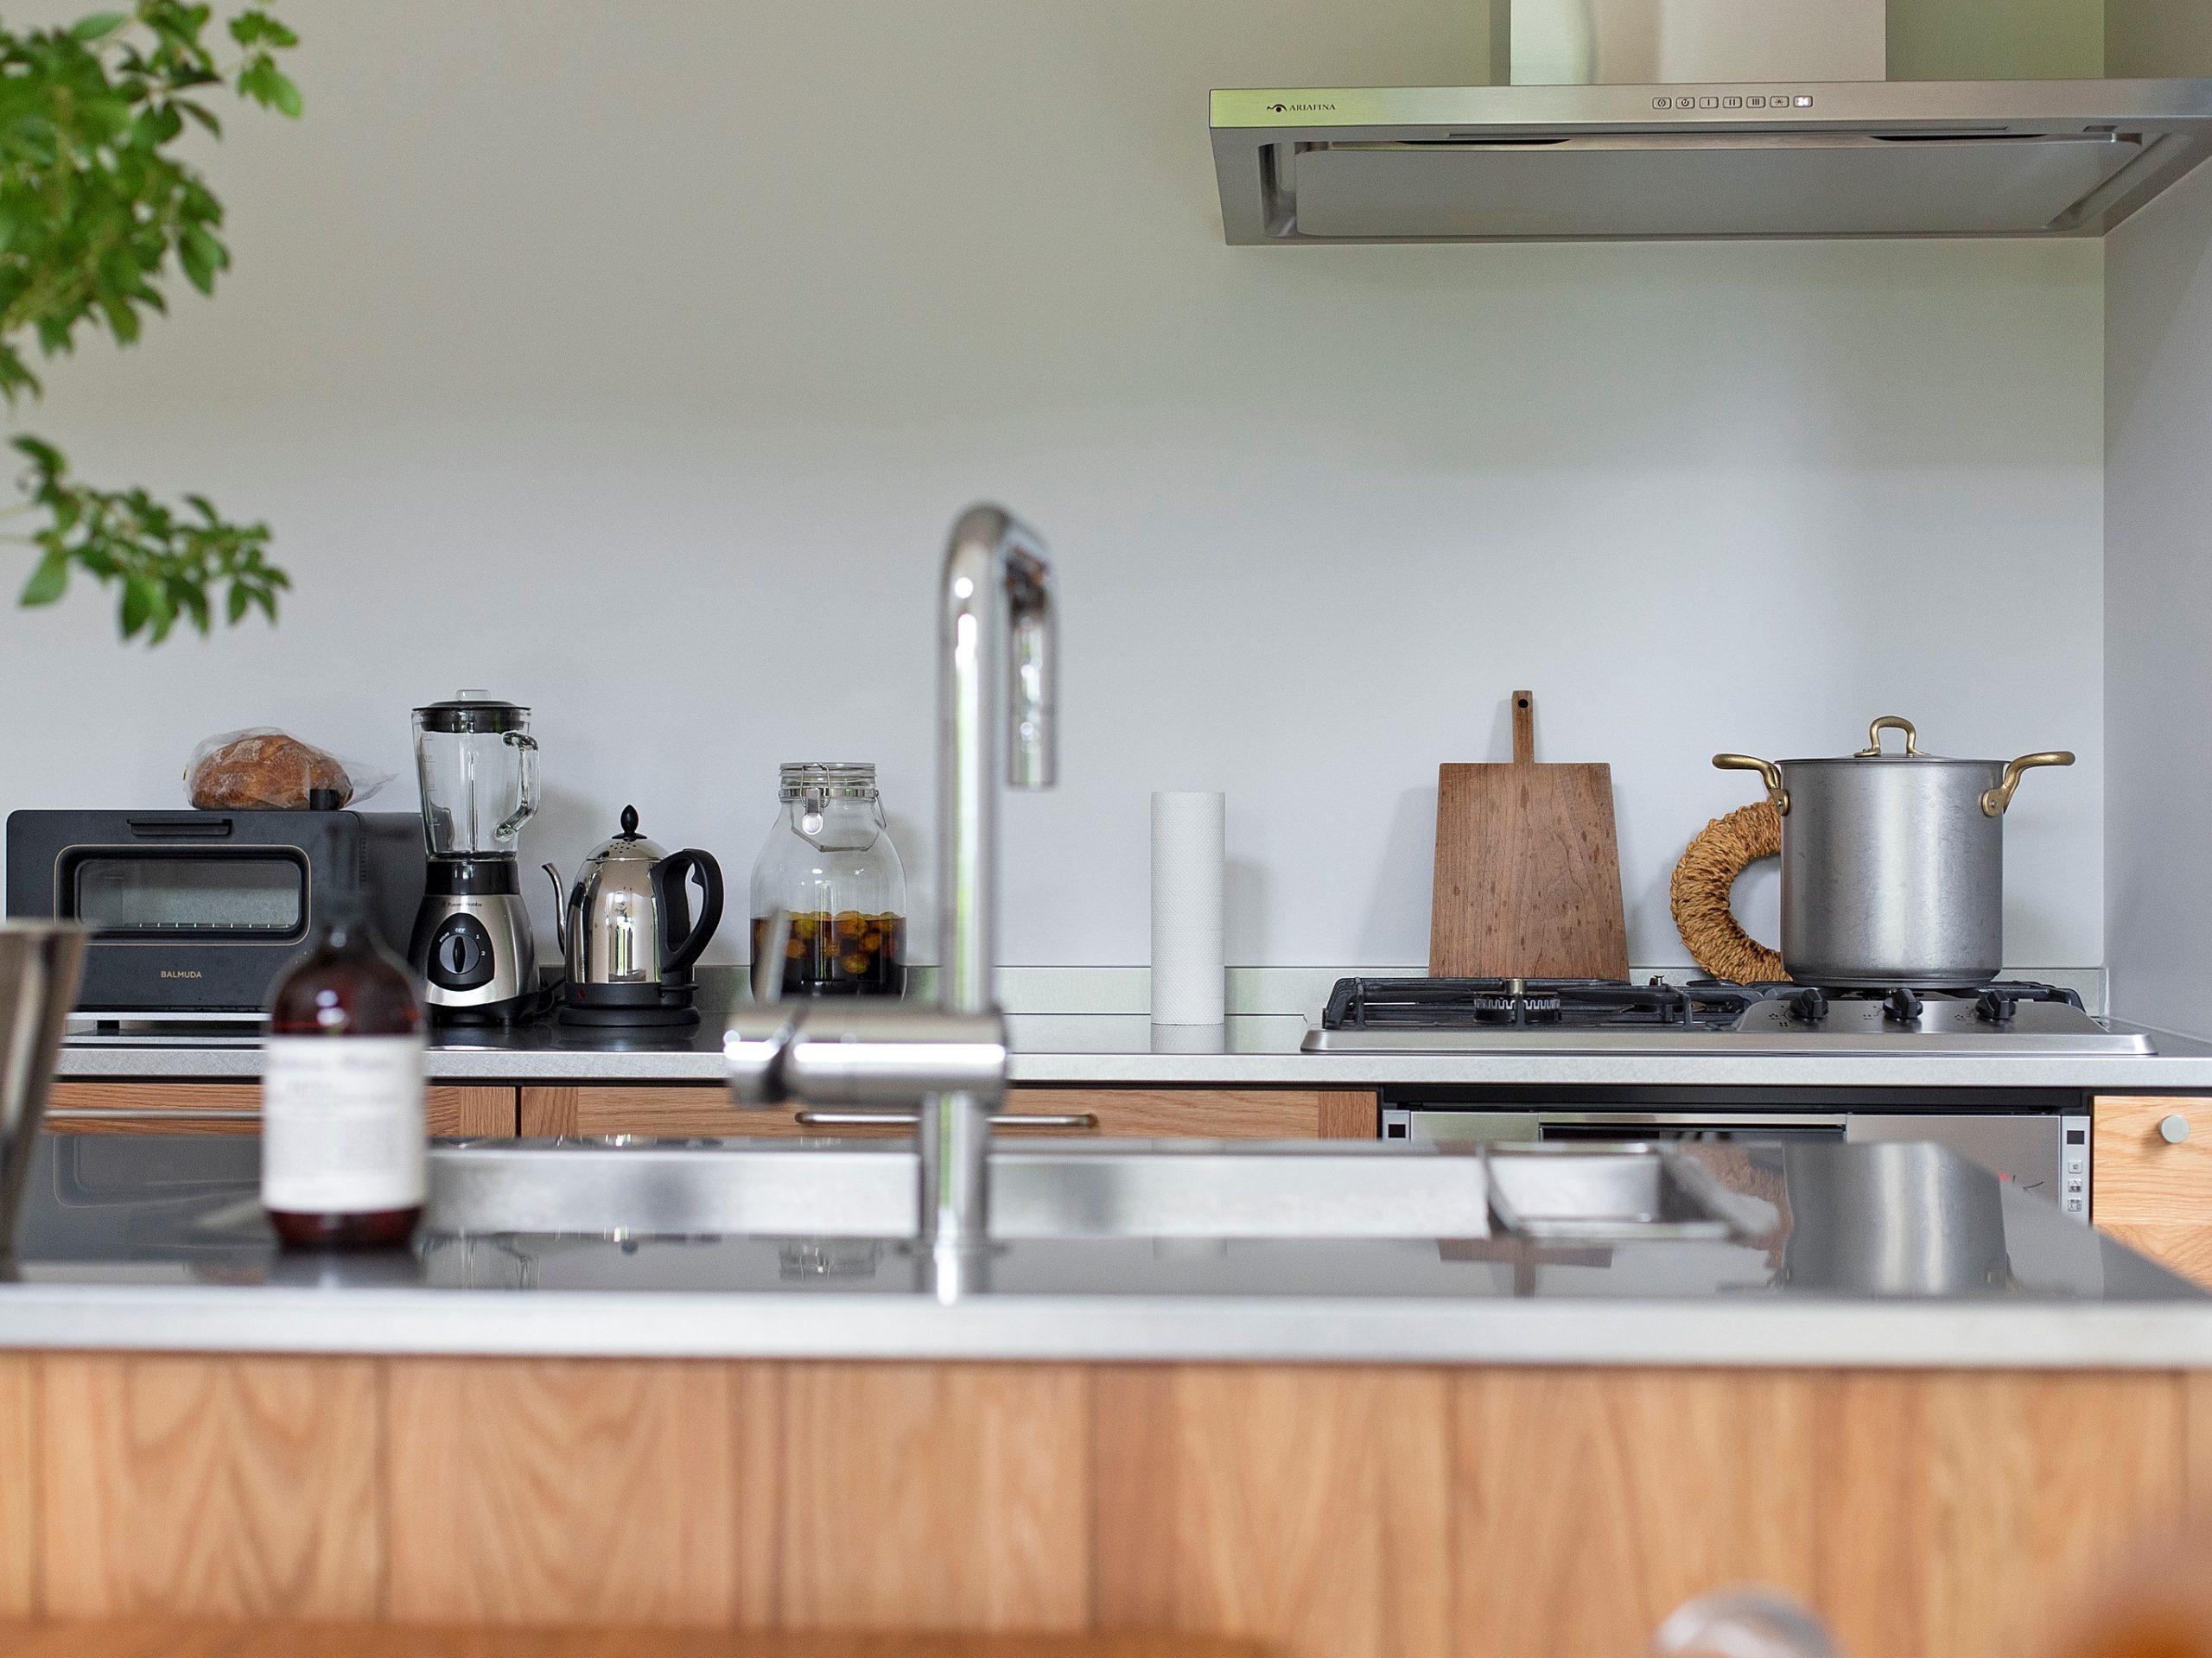 キッチンはオープンに、シンプルにまとめています。シンプルな空間に生活の道具も映えます